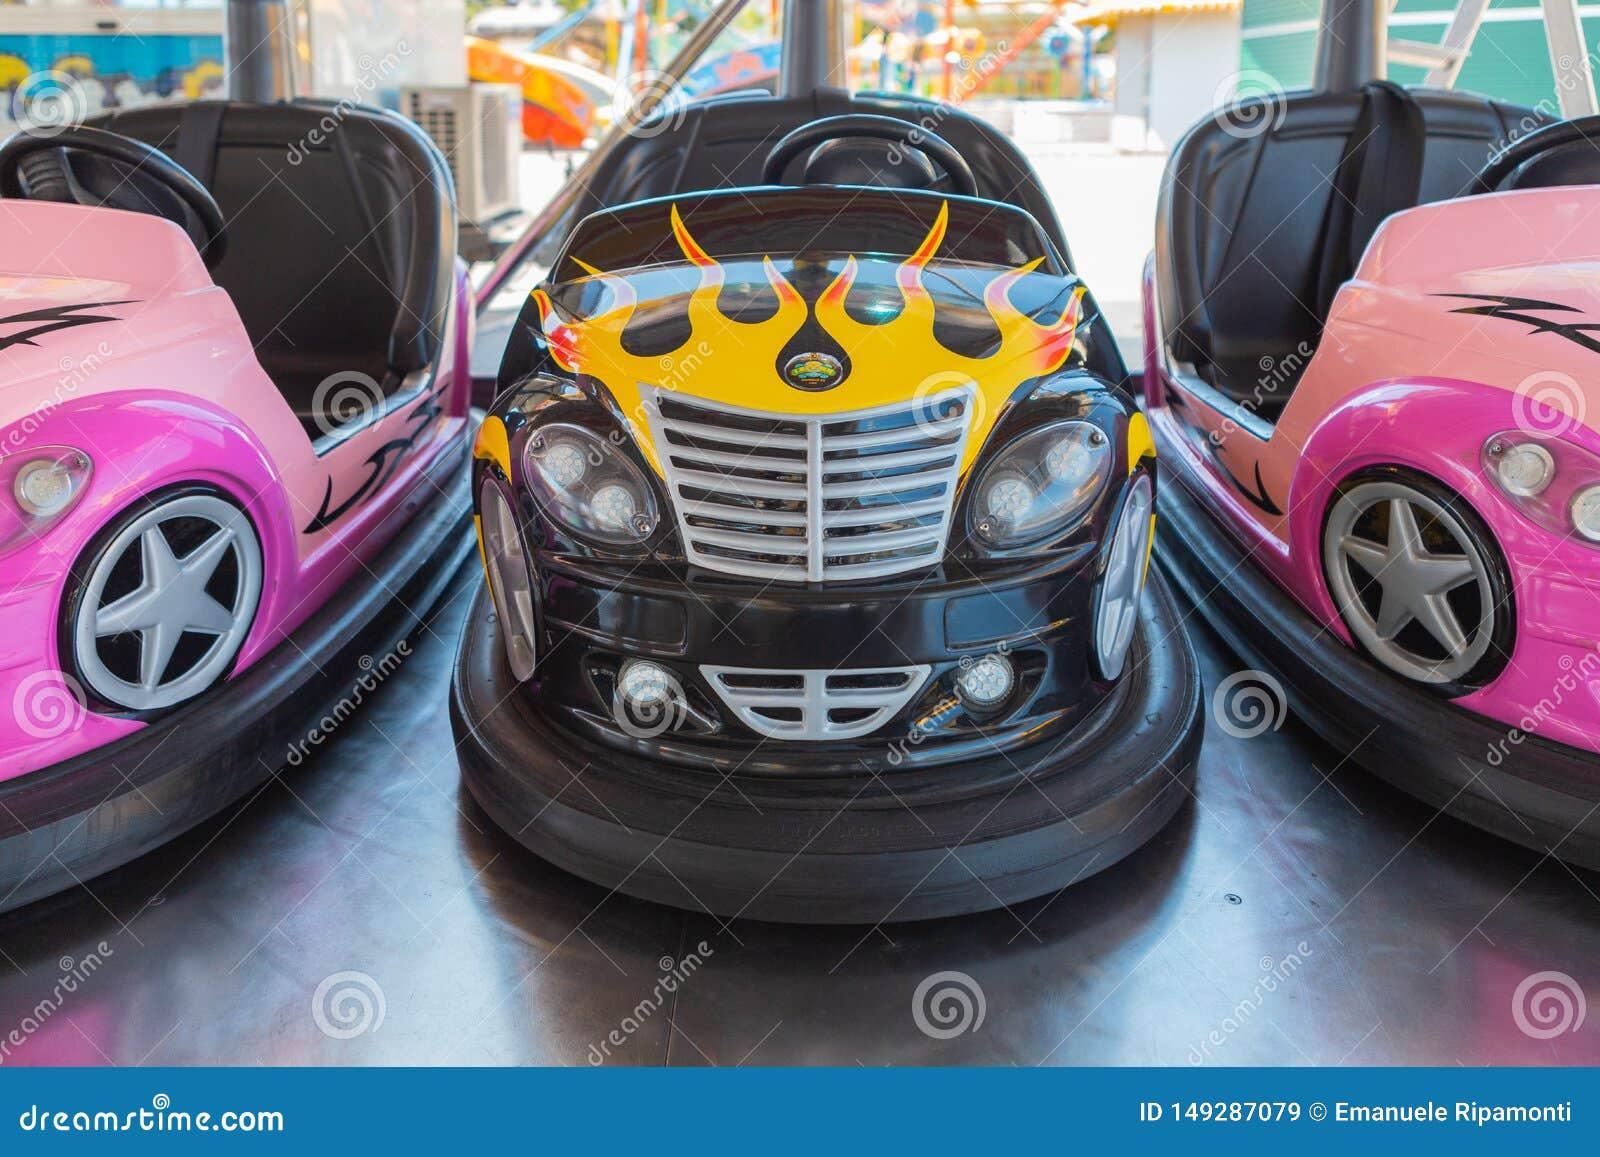 Small colored bumper cars for children